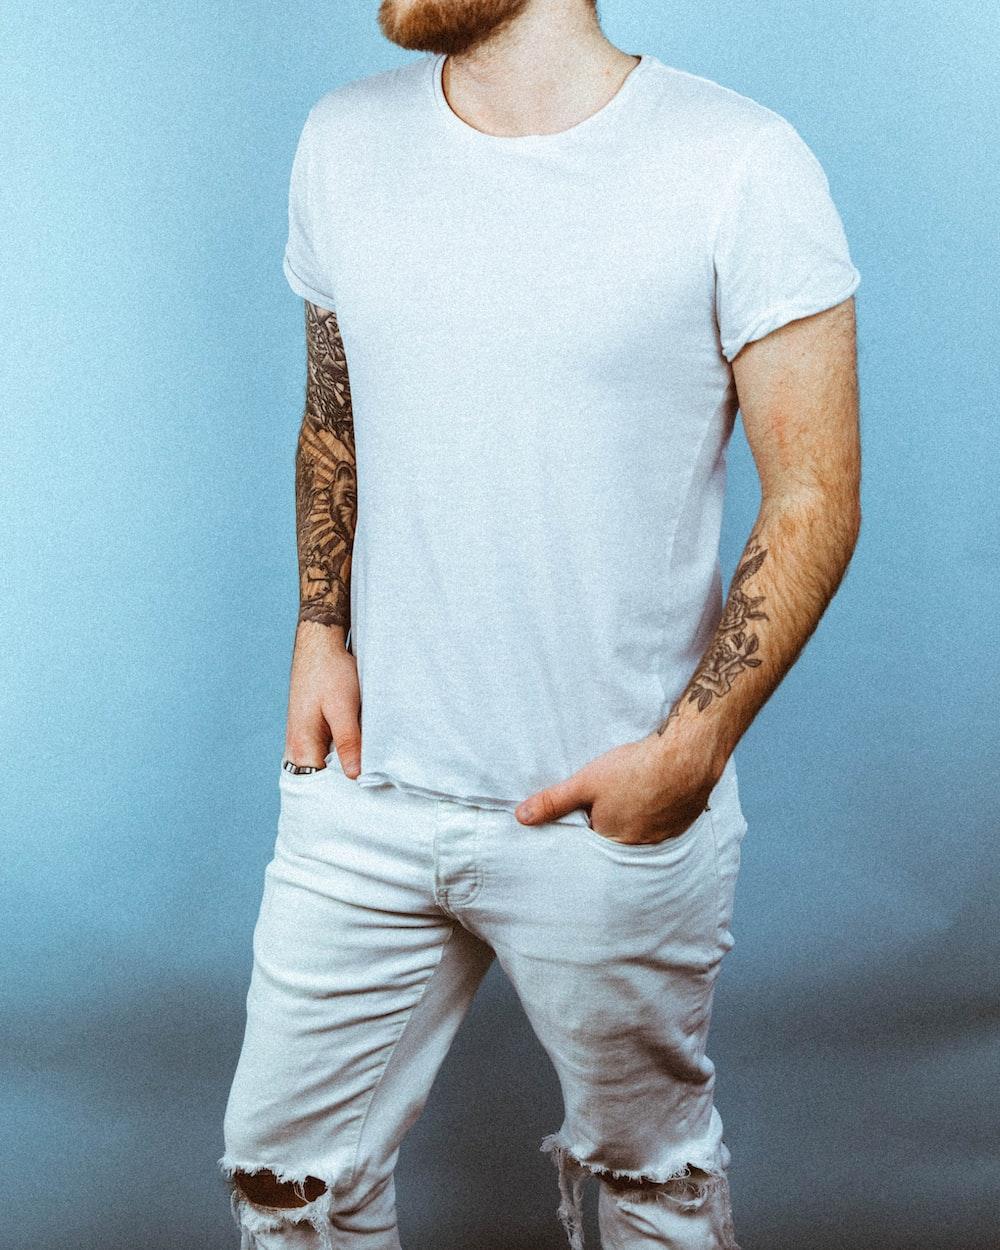 man wearing white crew-neck t-shirt